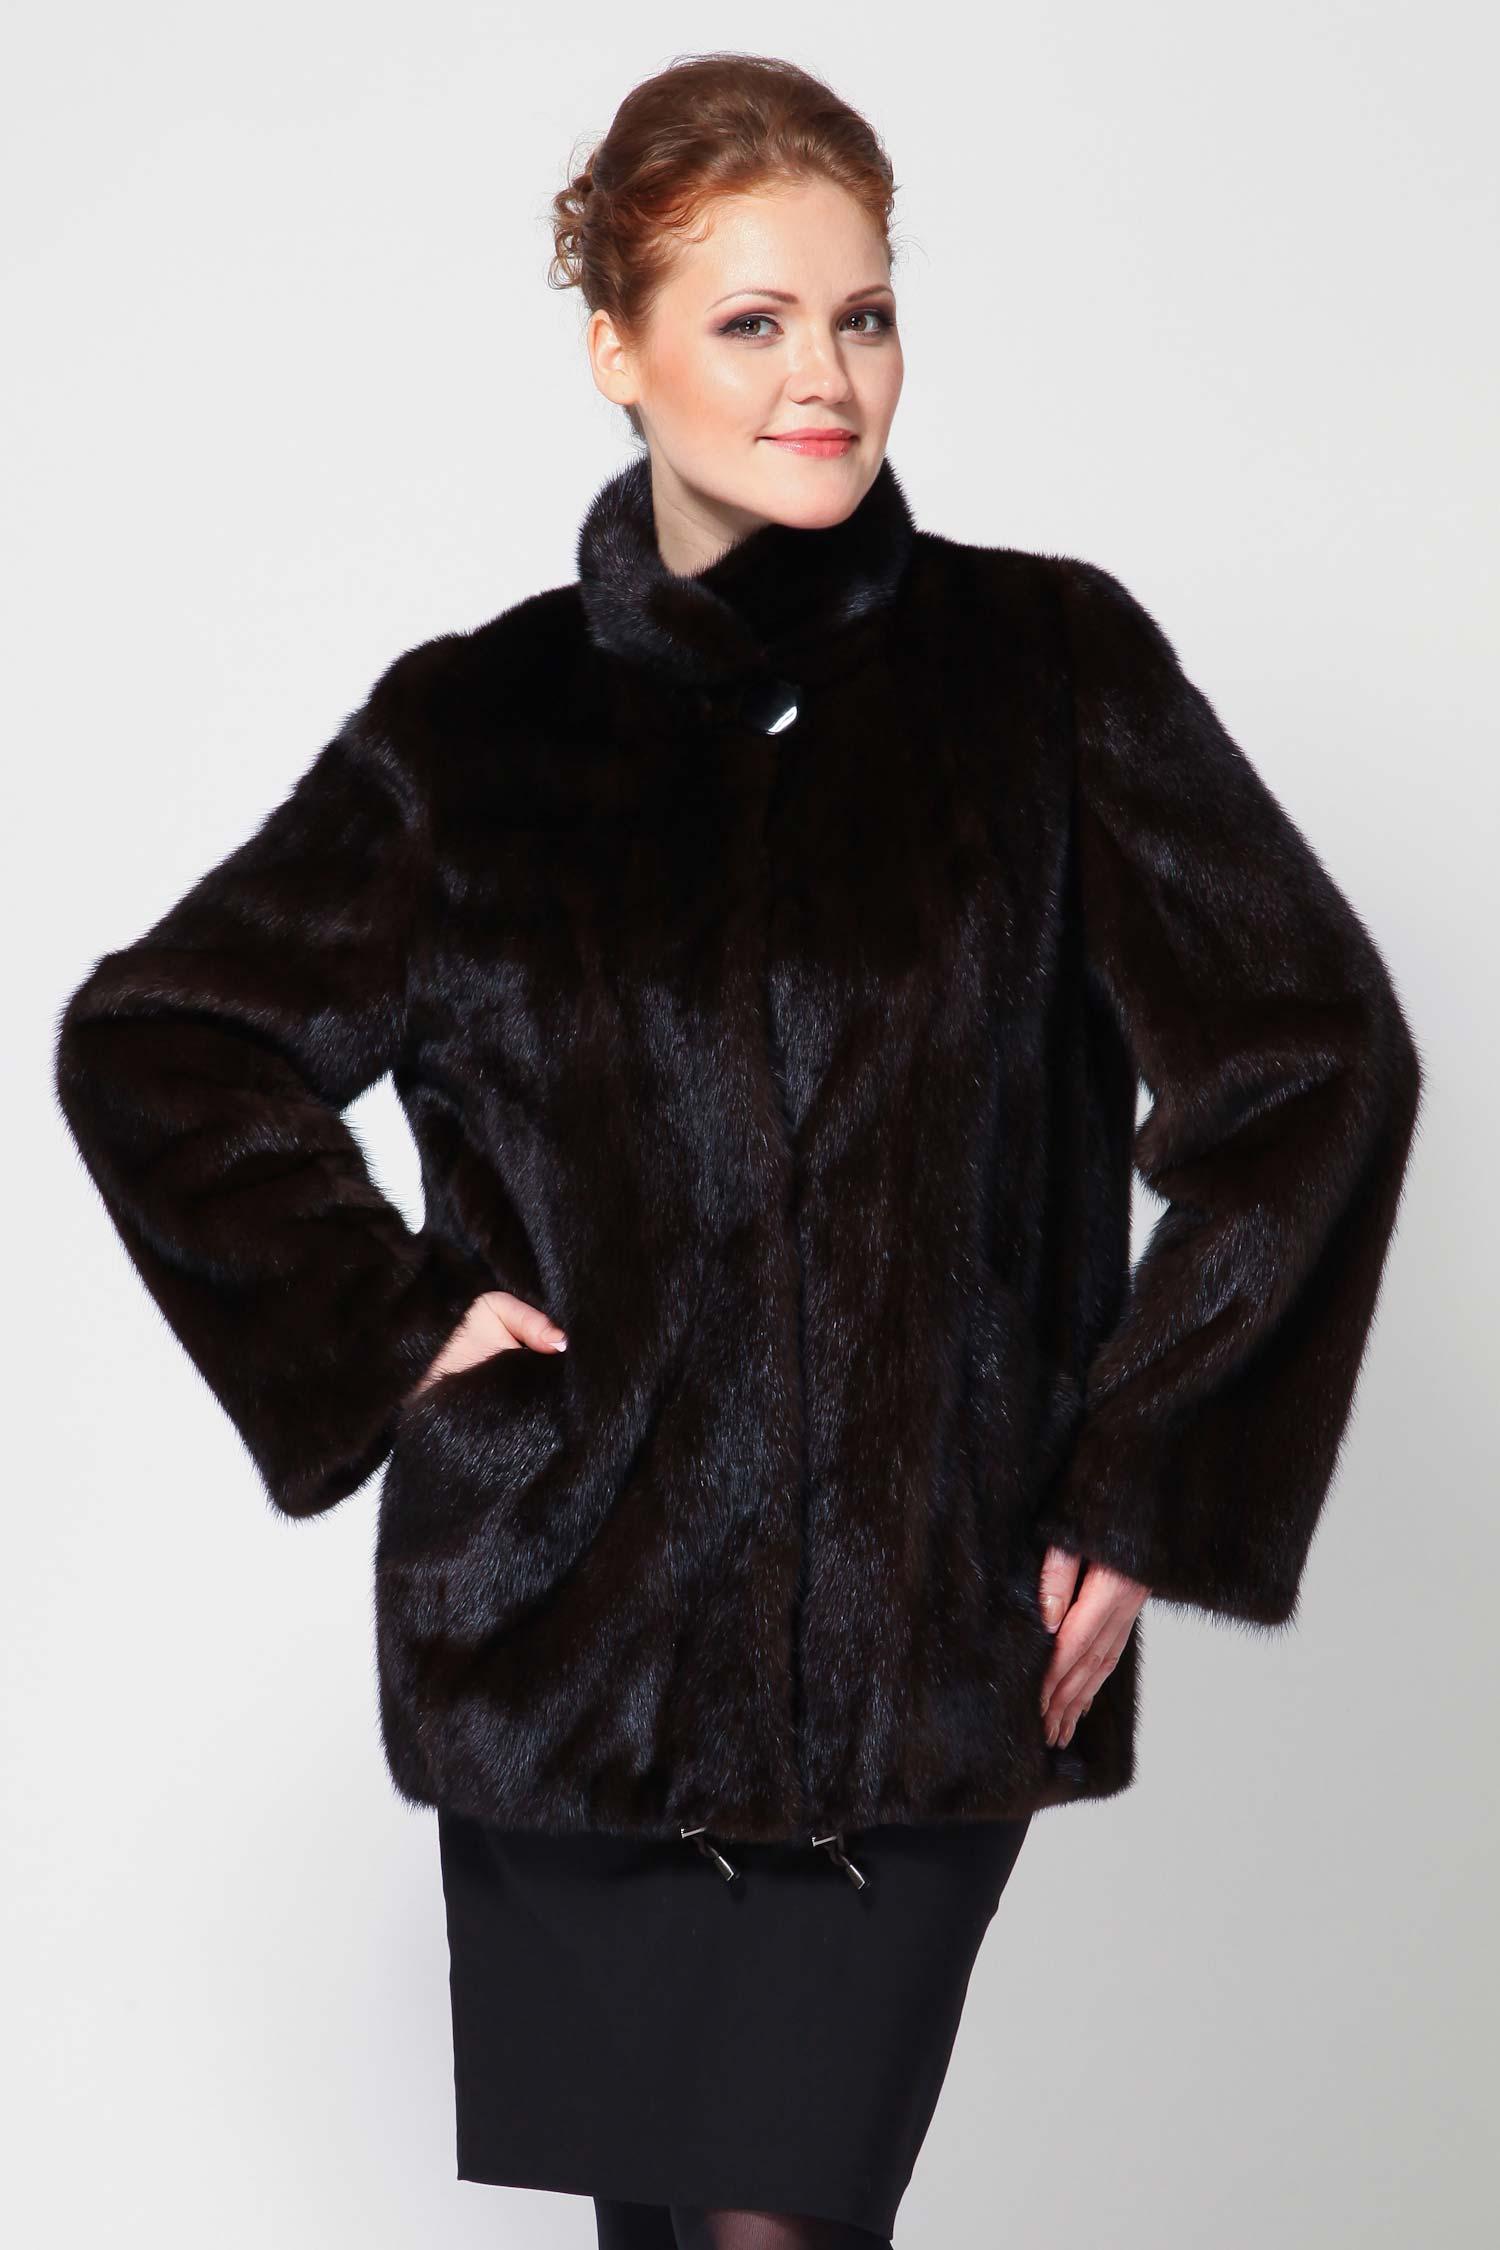 Куртка из норки с воротником, без отделкиВосхитительная куртка из меха норки, выполненное в элегантном женственном исполнении. Модель дополнена изысканным воротником-стойкой, длинными рукавами, вместительными карманами. Куртка оформлена снизу кулиской и очень гармоничной фиксирующей пуговицой на воротнике. Шикарная модель!<br><br>Пол: Женский